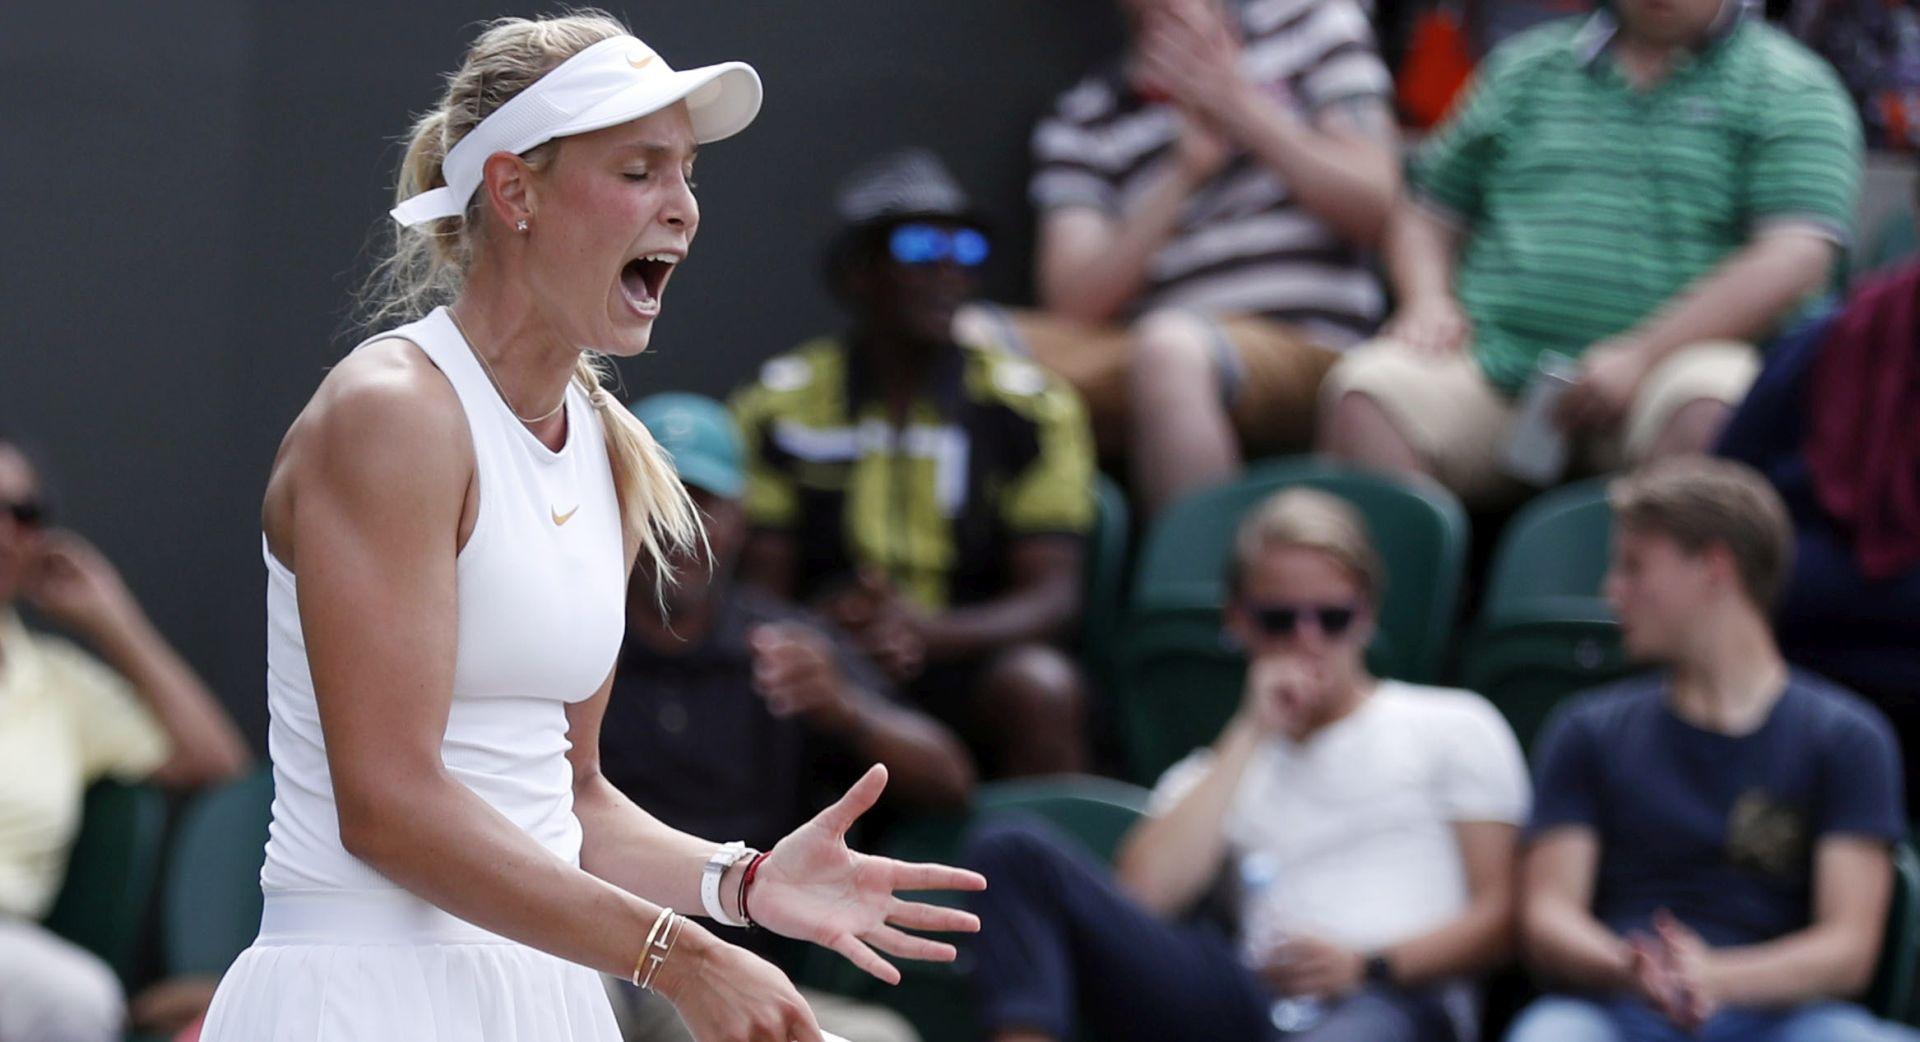 WTA LJESTVICA Vekić na 47. mjestu, Kerber opet u Top 5